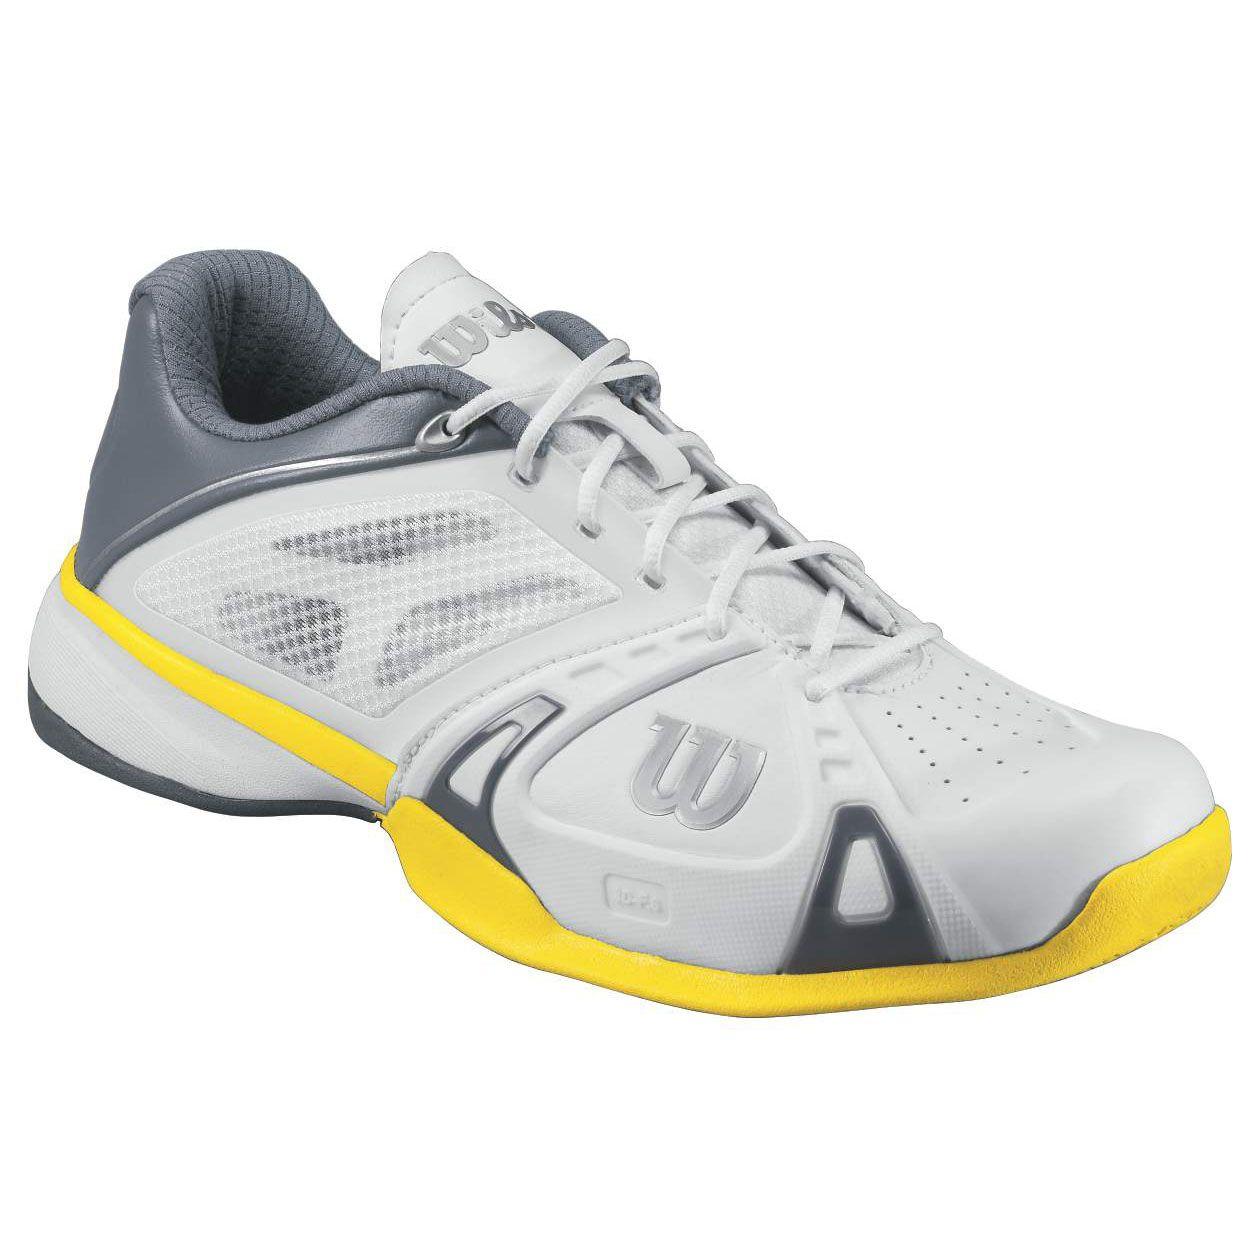 Cheap Wilson Tennis Shoes